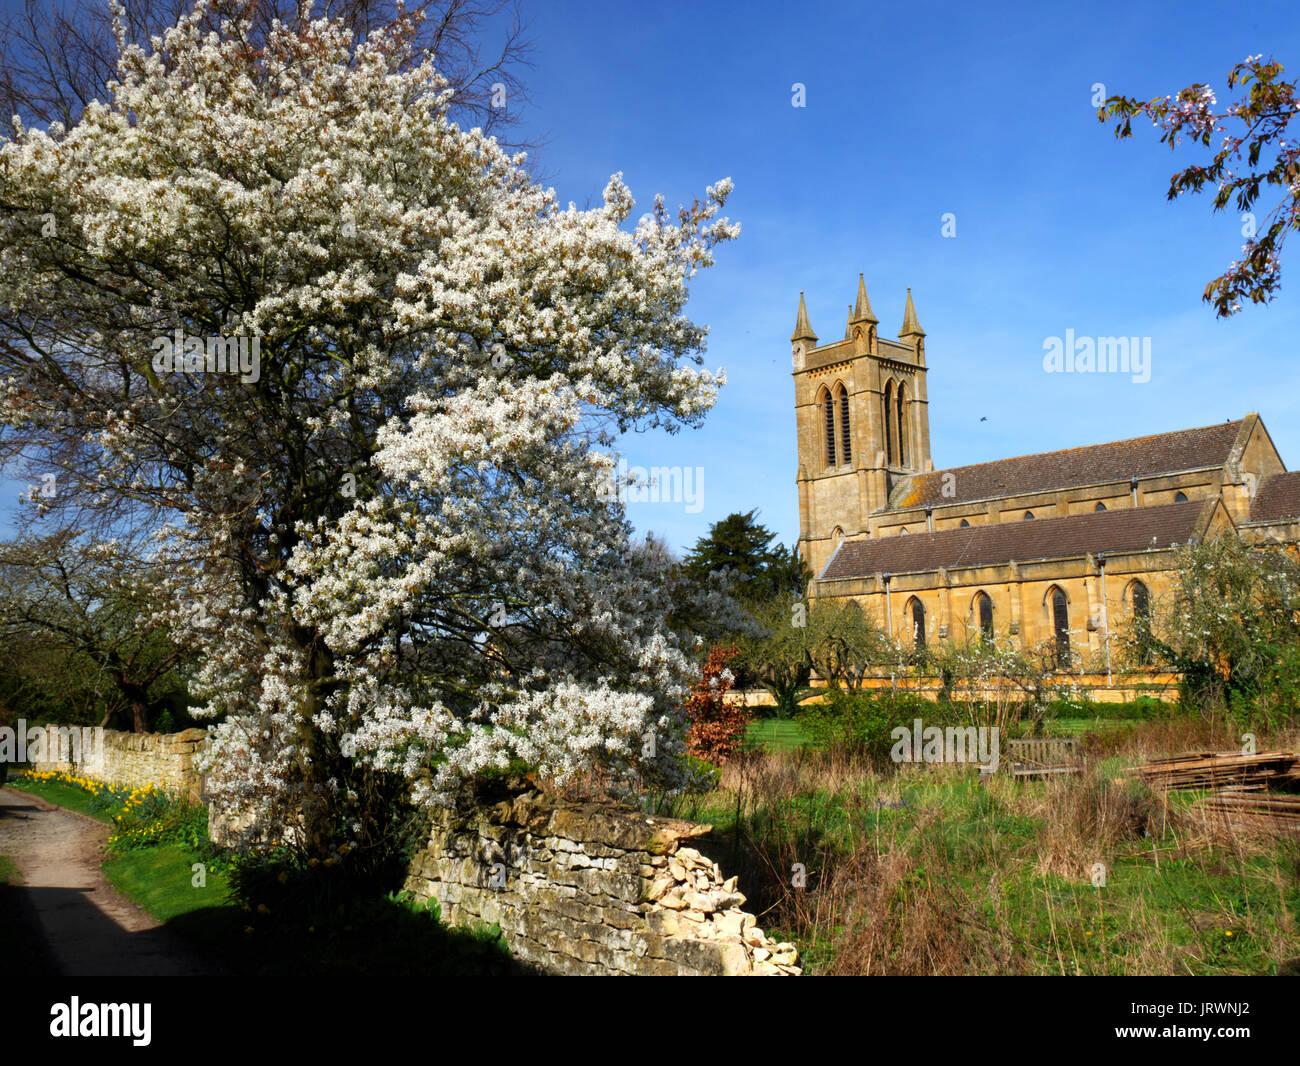 Il C19 chiesa di San Michele e Tutti gli Angeli a Broadway, nel Gloucestershire. Immagini Stock